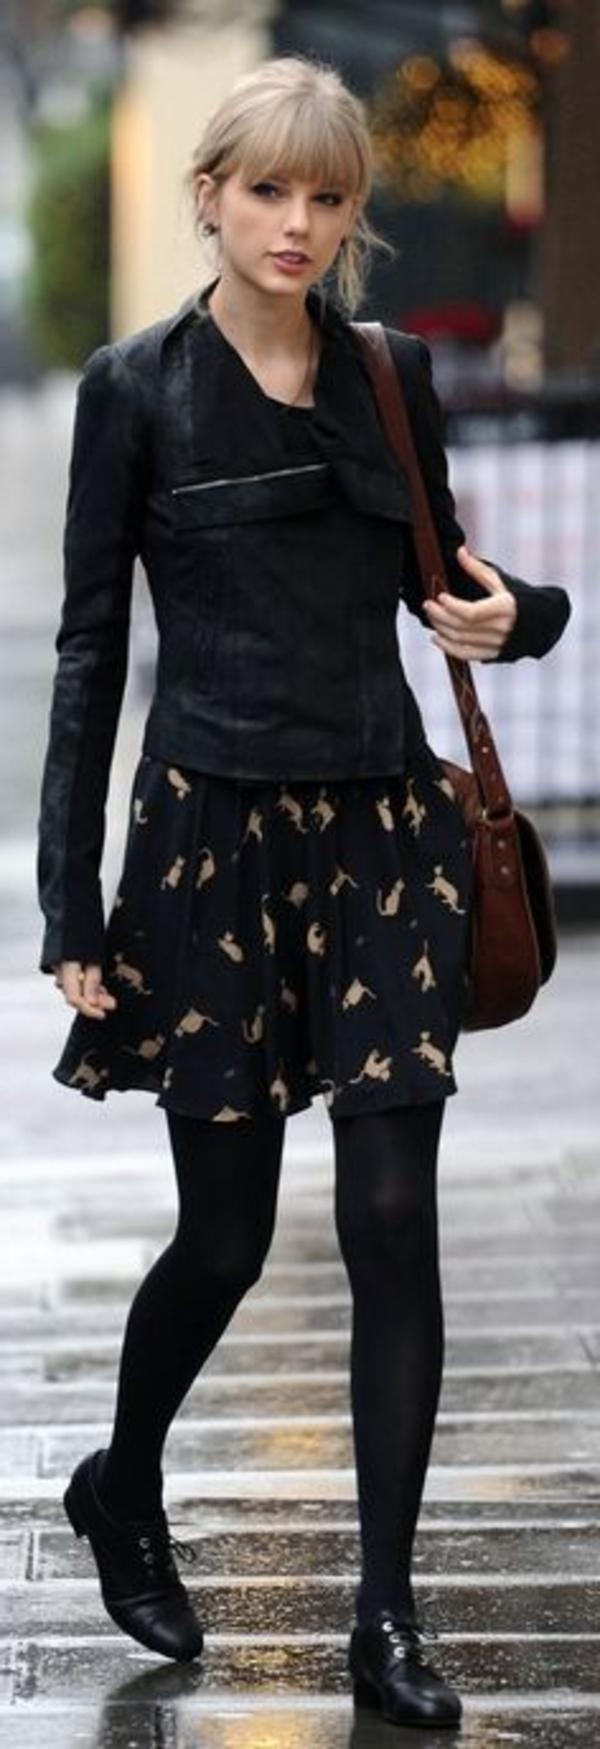 Accessoire-tenue-cool-tous-les-jours-dans-la-rue-Taylor-Swift-tenue